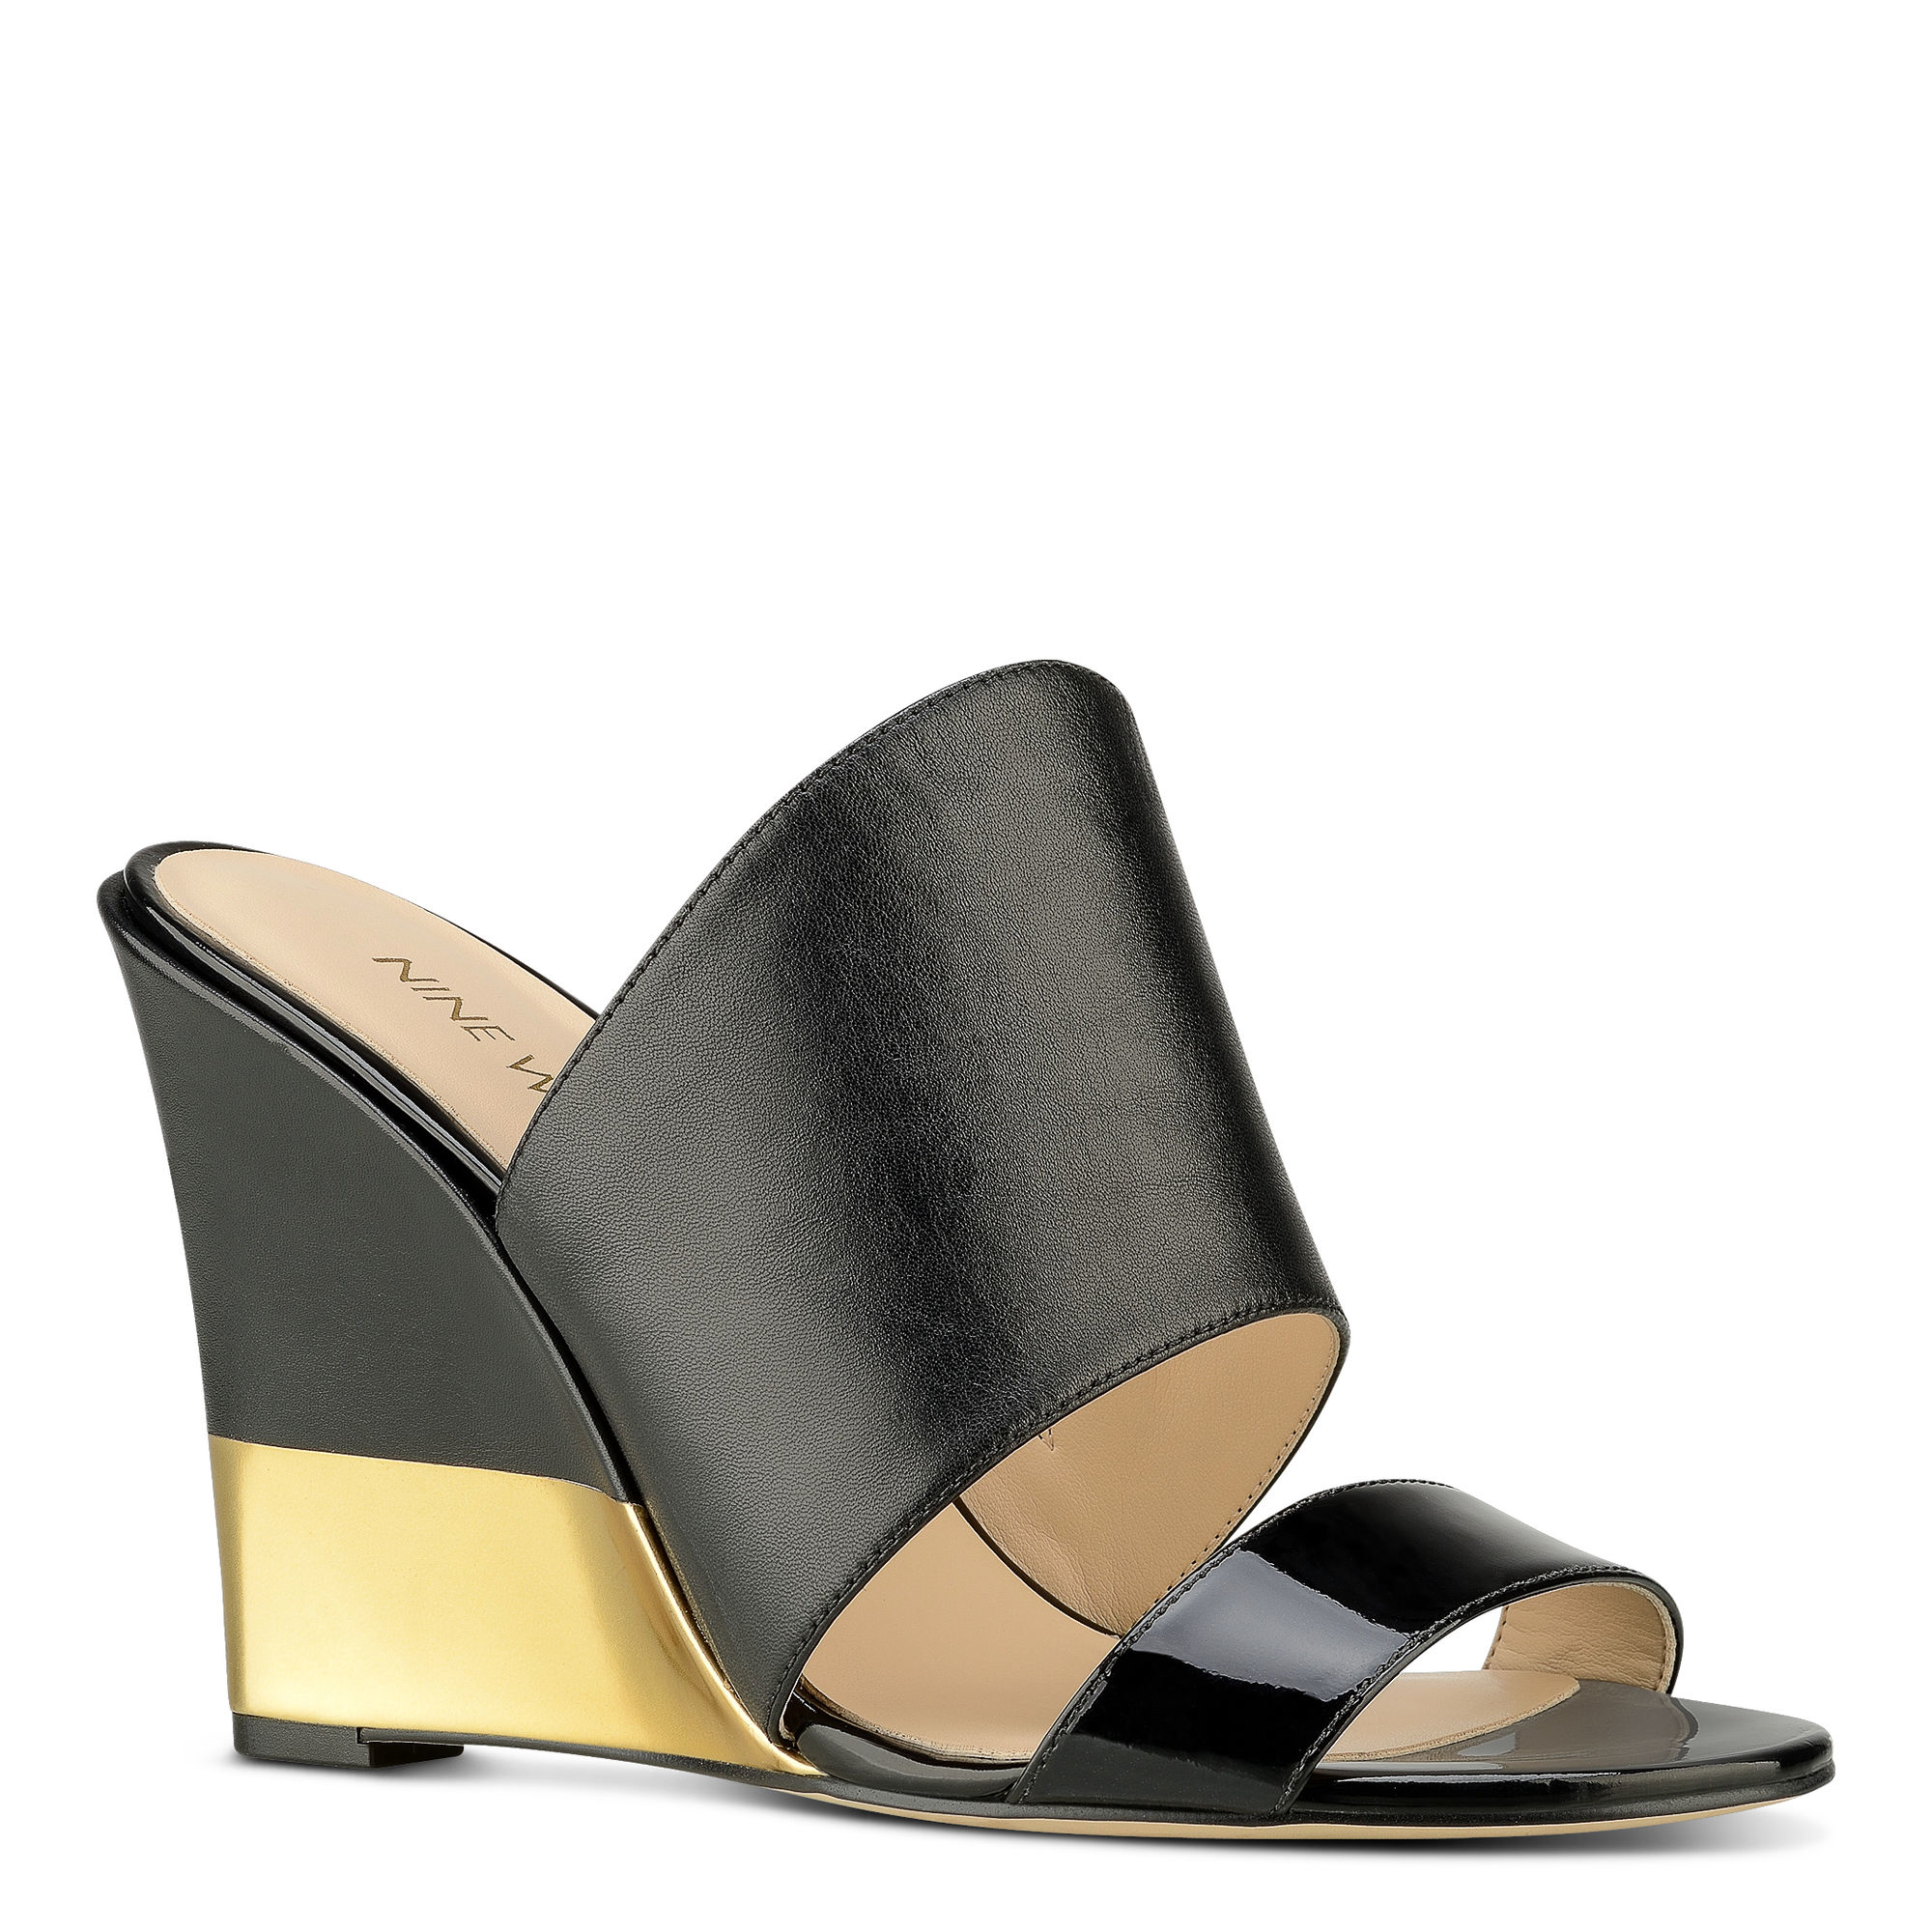 Nine West Aniya Wedge Sandals In Black Lyst